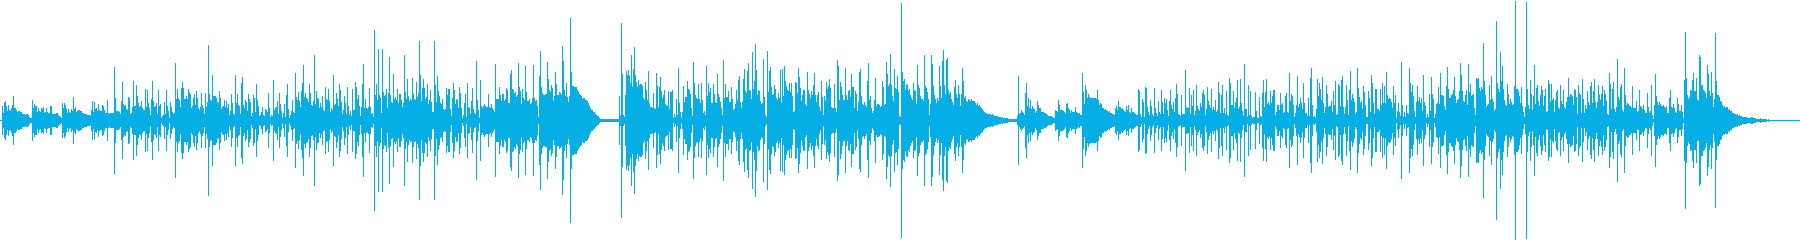 <生演奏>レトロなアコギジャズ風の曲の再生済みの波形